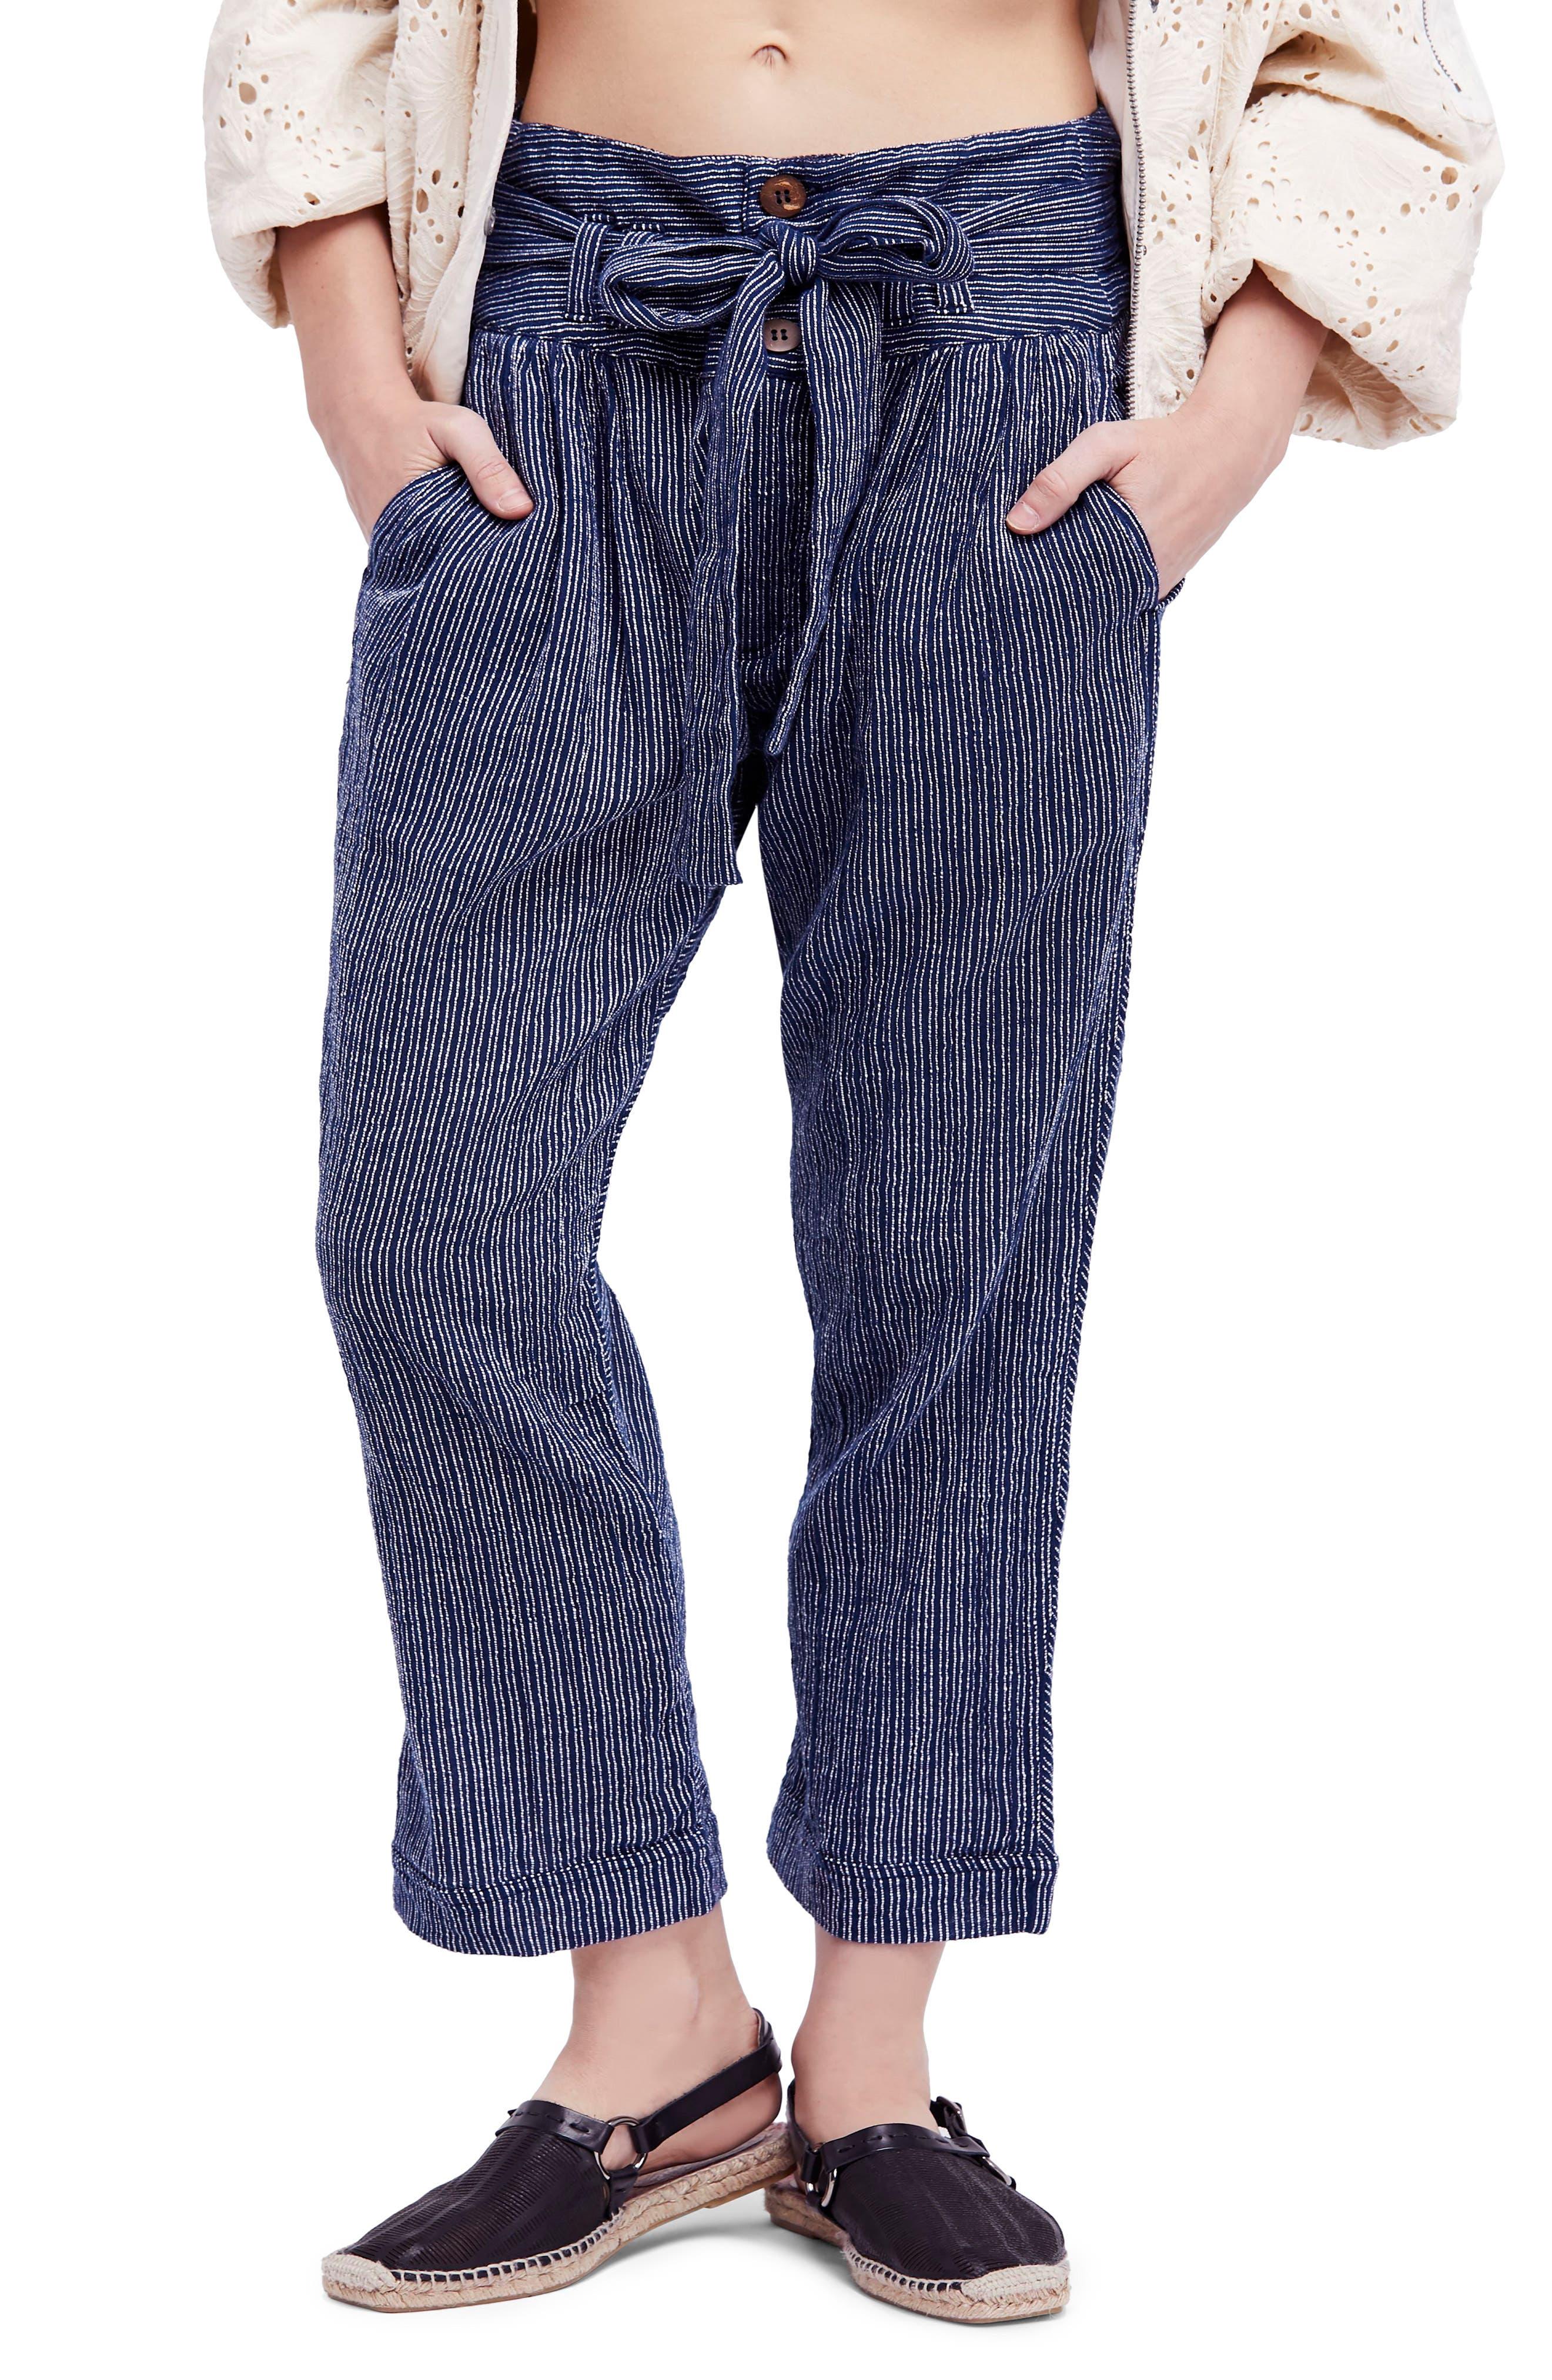 Rumors Crop Pants,                         Main,                         color, 410